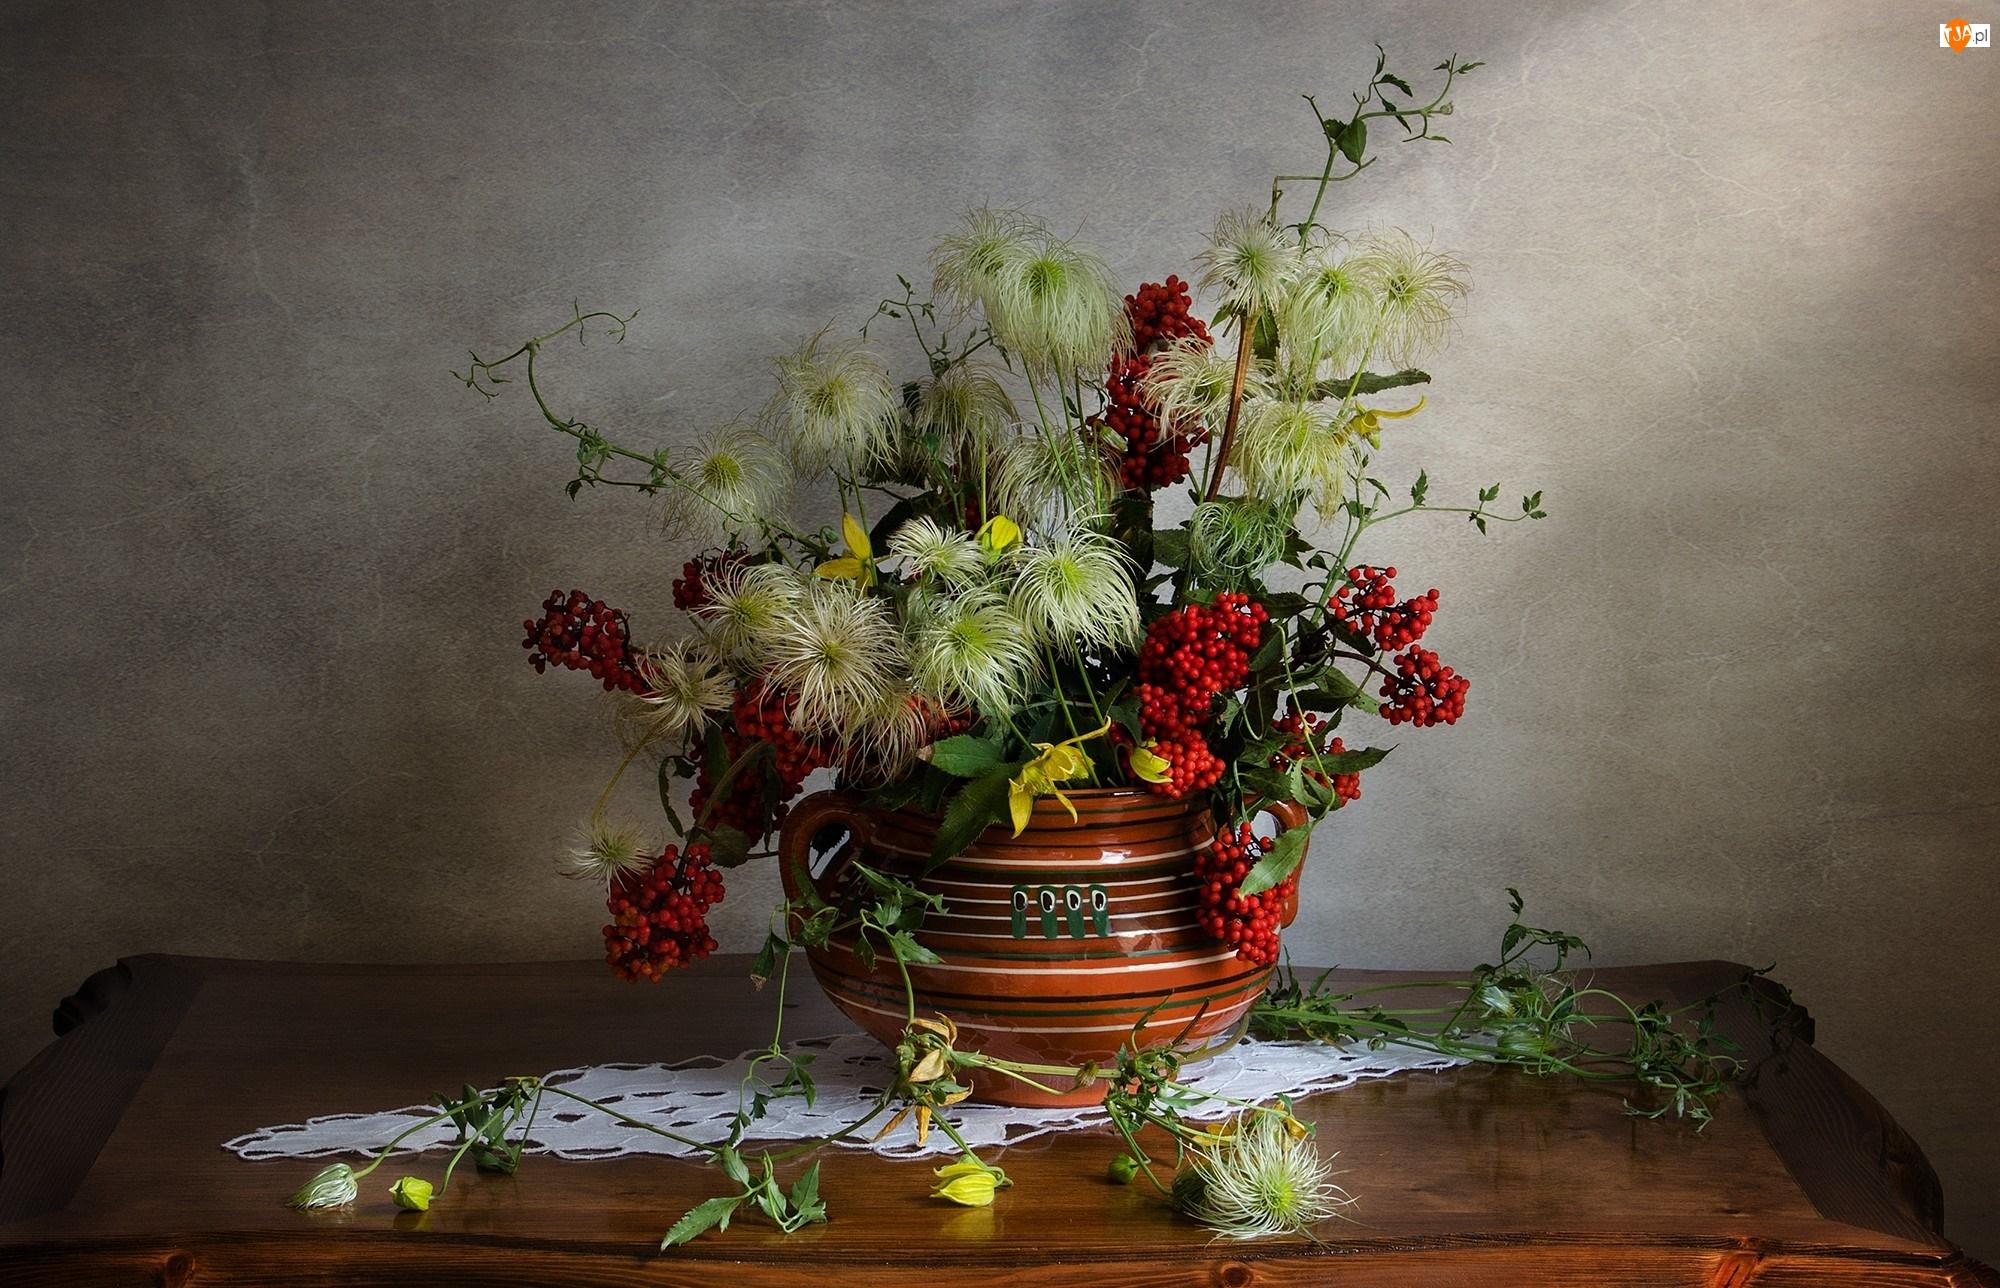 Serwetka, Dekoracja, Rośliny, Bukiet, Wazon